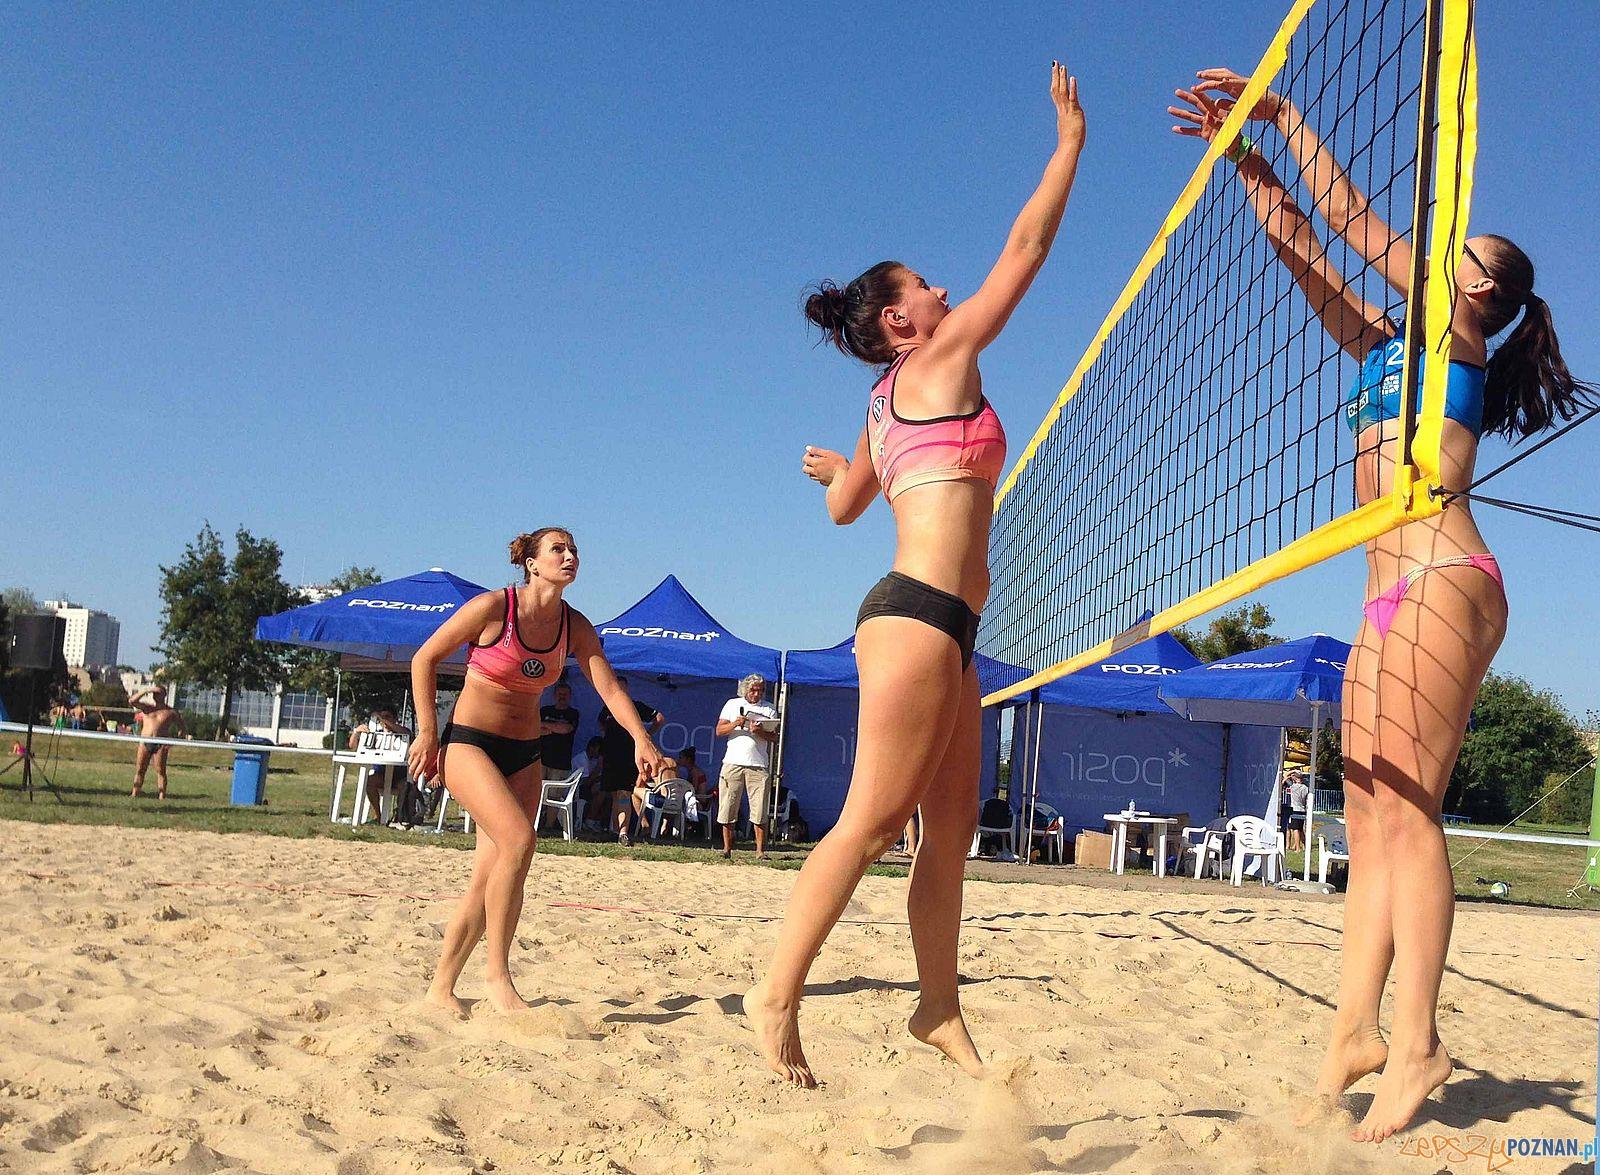 Siatówka plażowa na Chwiałce (4)  Foto: